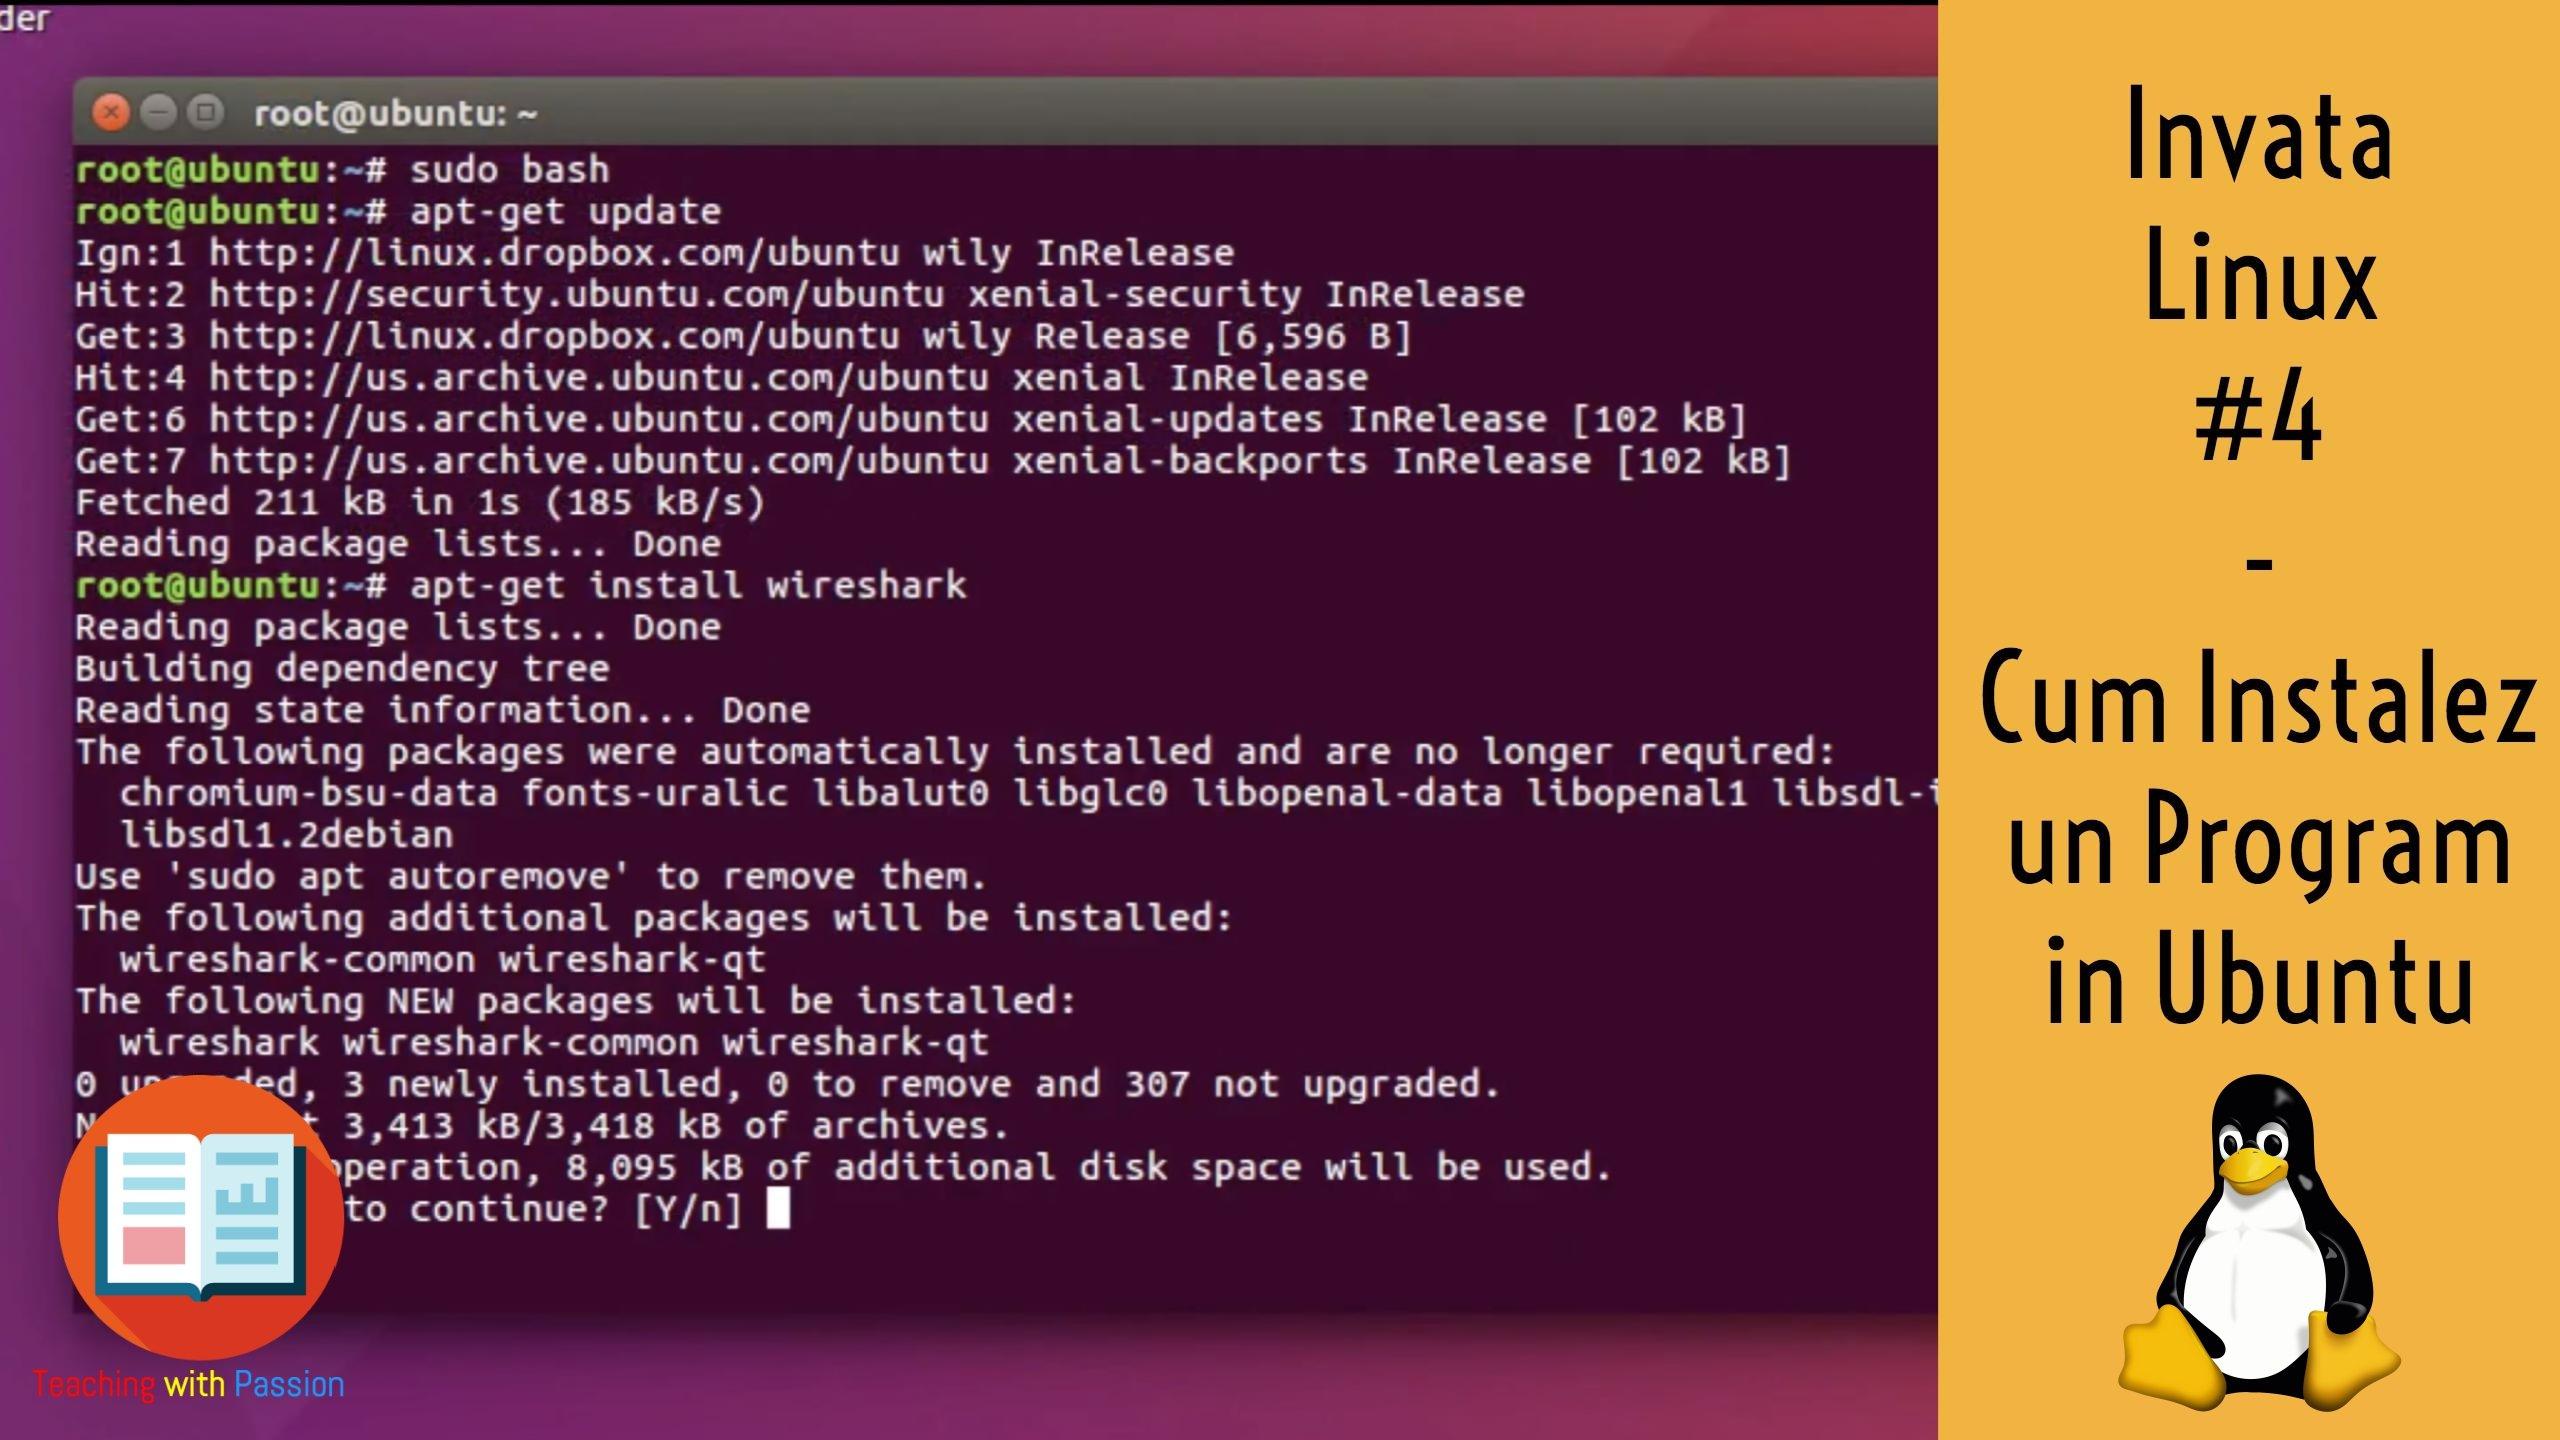 Cum instalez un program in Ubuntu din Terminal ? | Utilitare in Linux  | Invata Linux #4